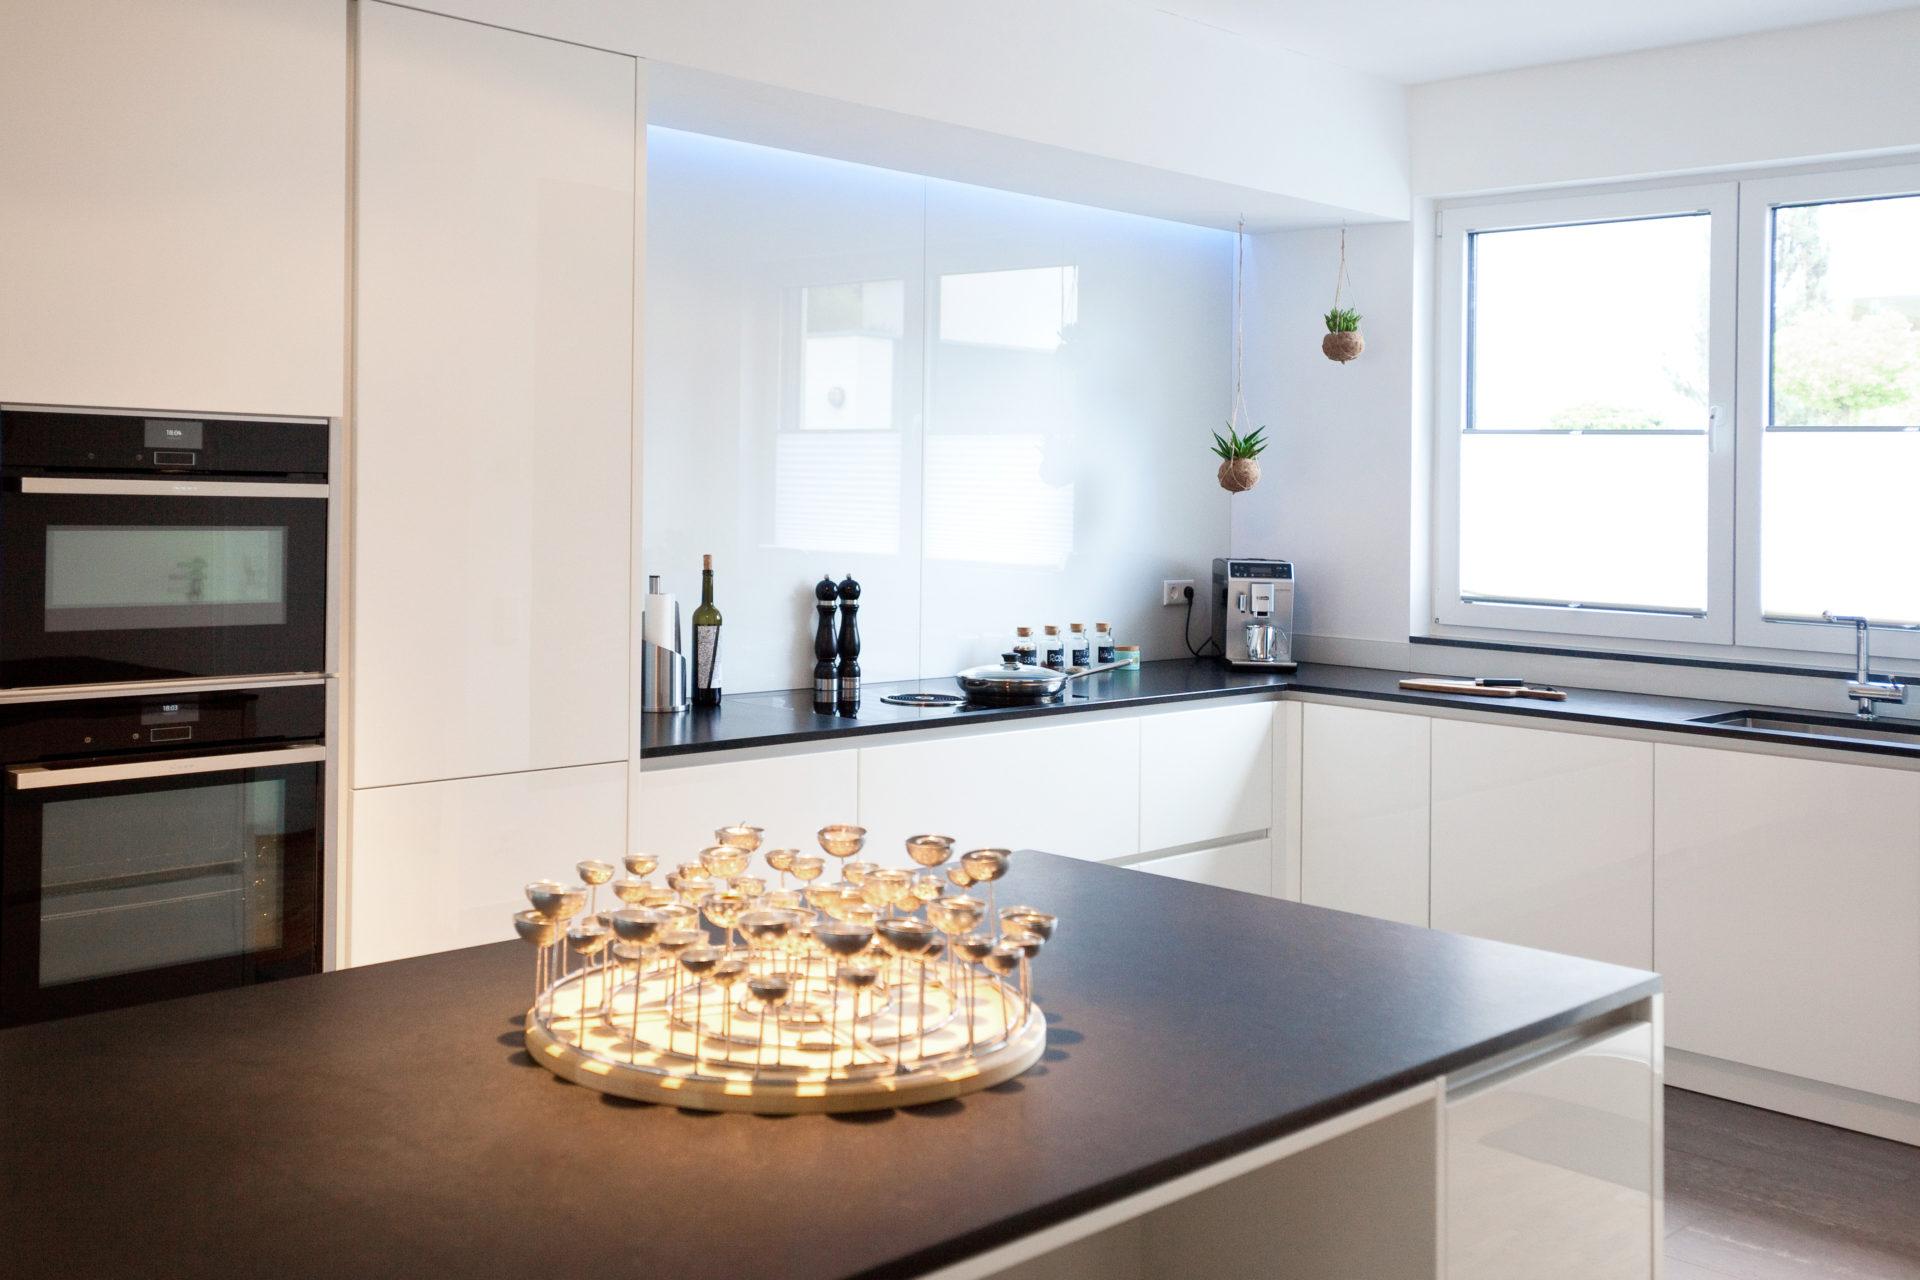 moderne hochglanz k che in wei mit k cheninsel bora kochfeld und neff ger ten k chenhaus. Black Bedroom Furniture Sets. Home Design Ideas